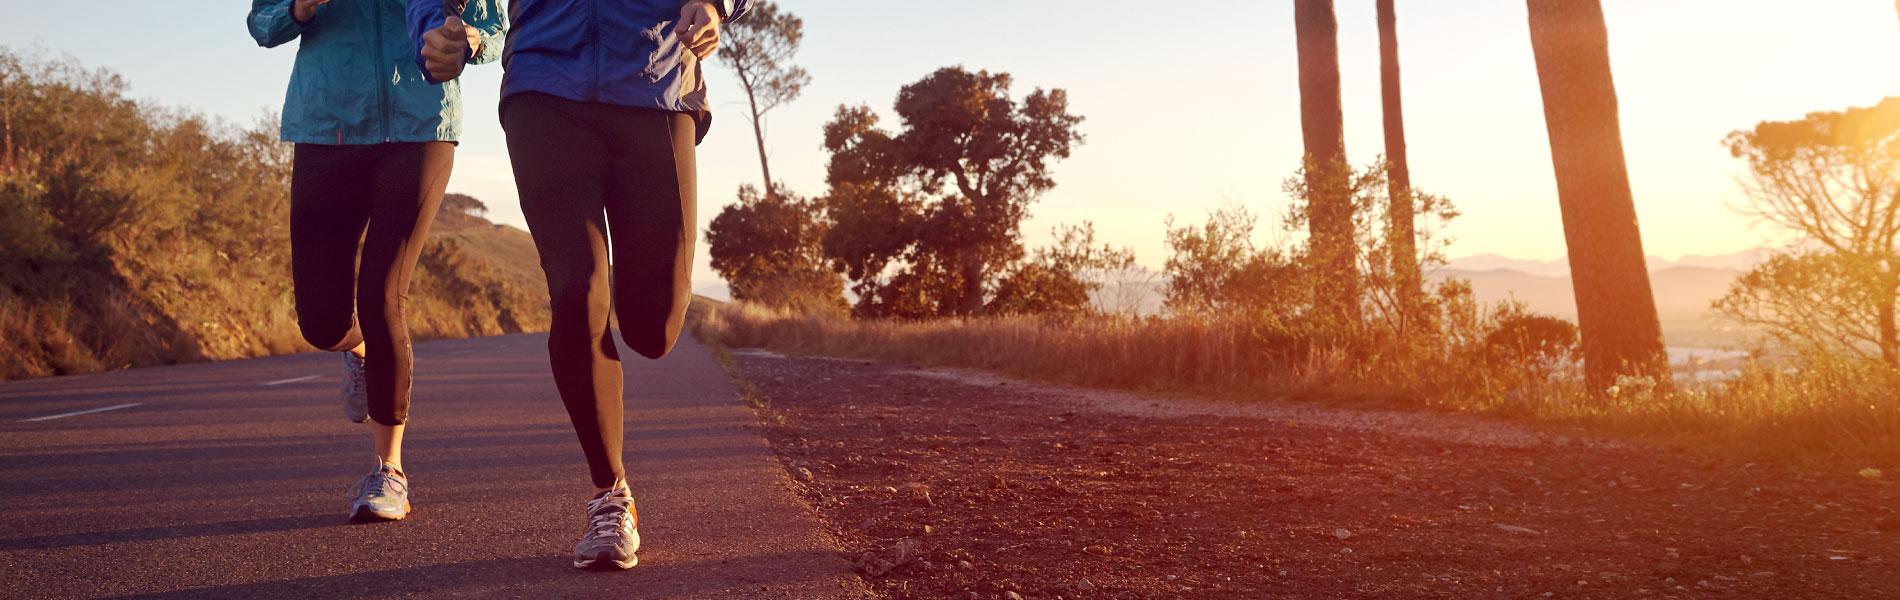 Marathon runners training outdoors